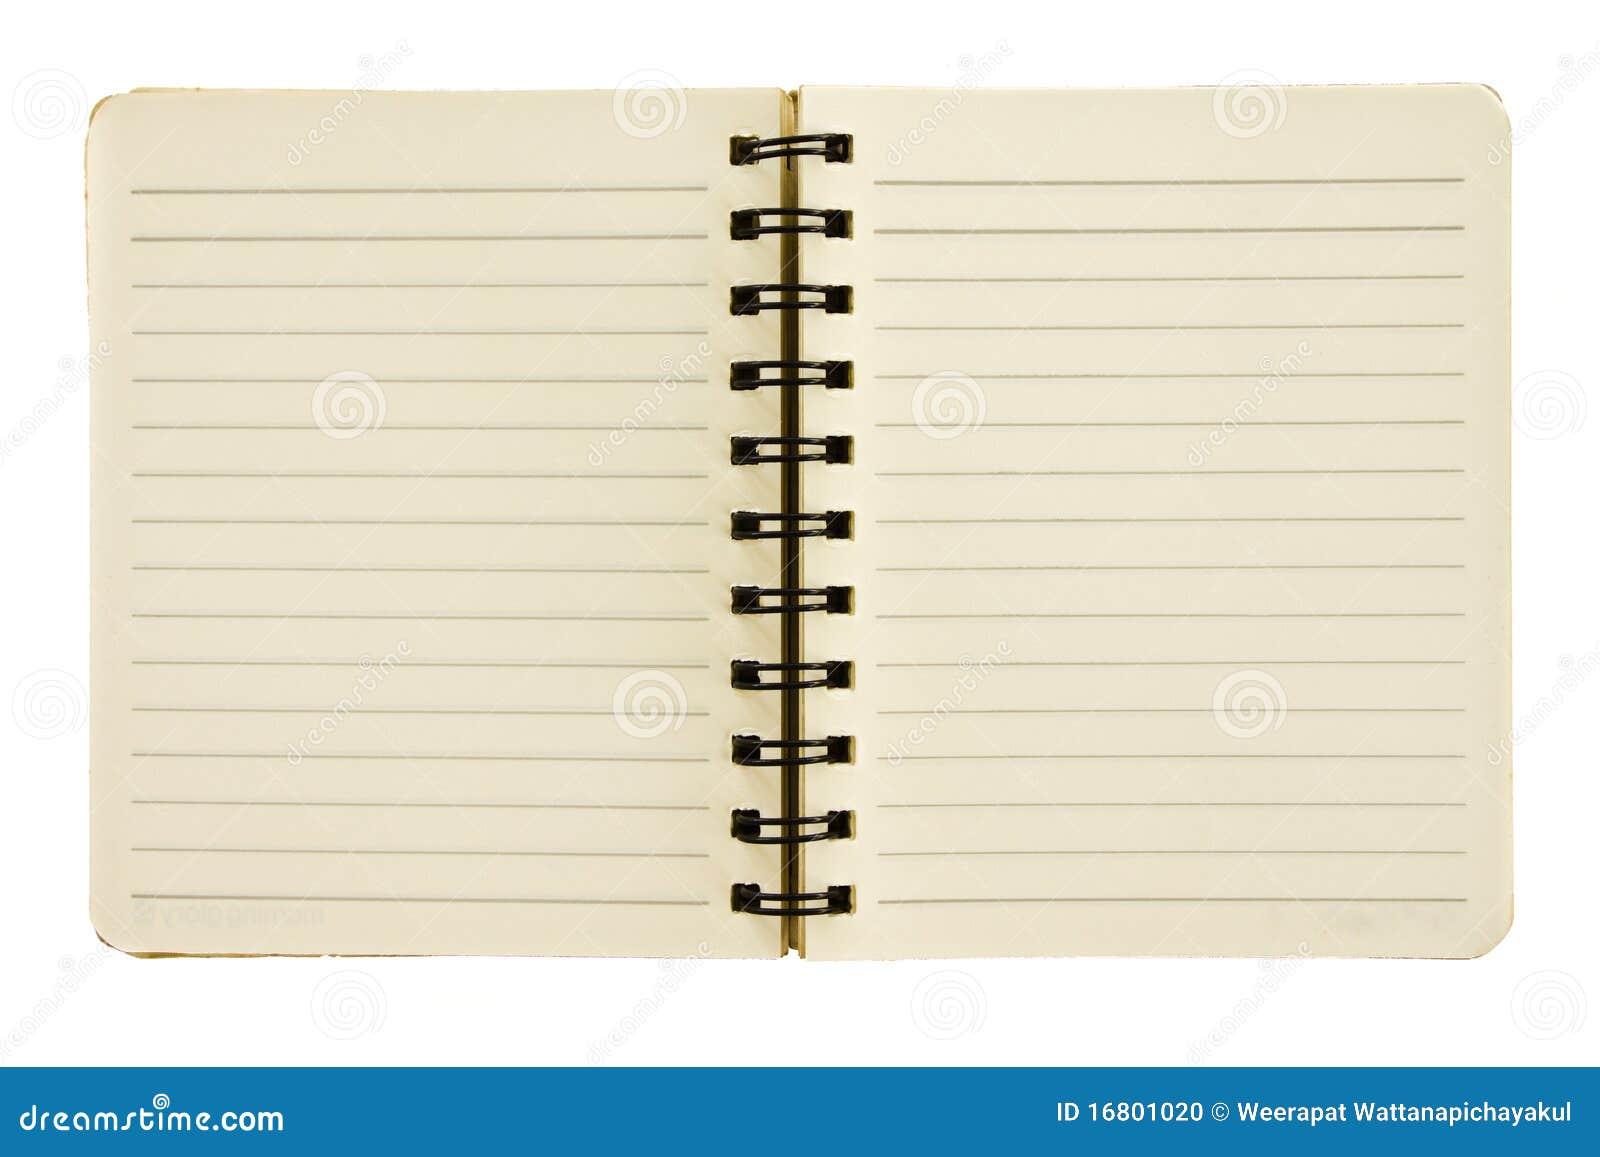 Cahier de petite taille photo stock image du blanc bloc for Bloc porte petite taille